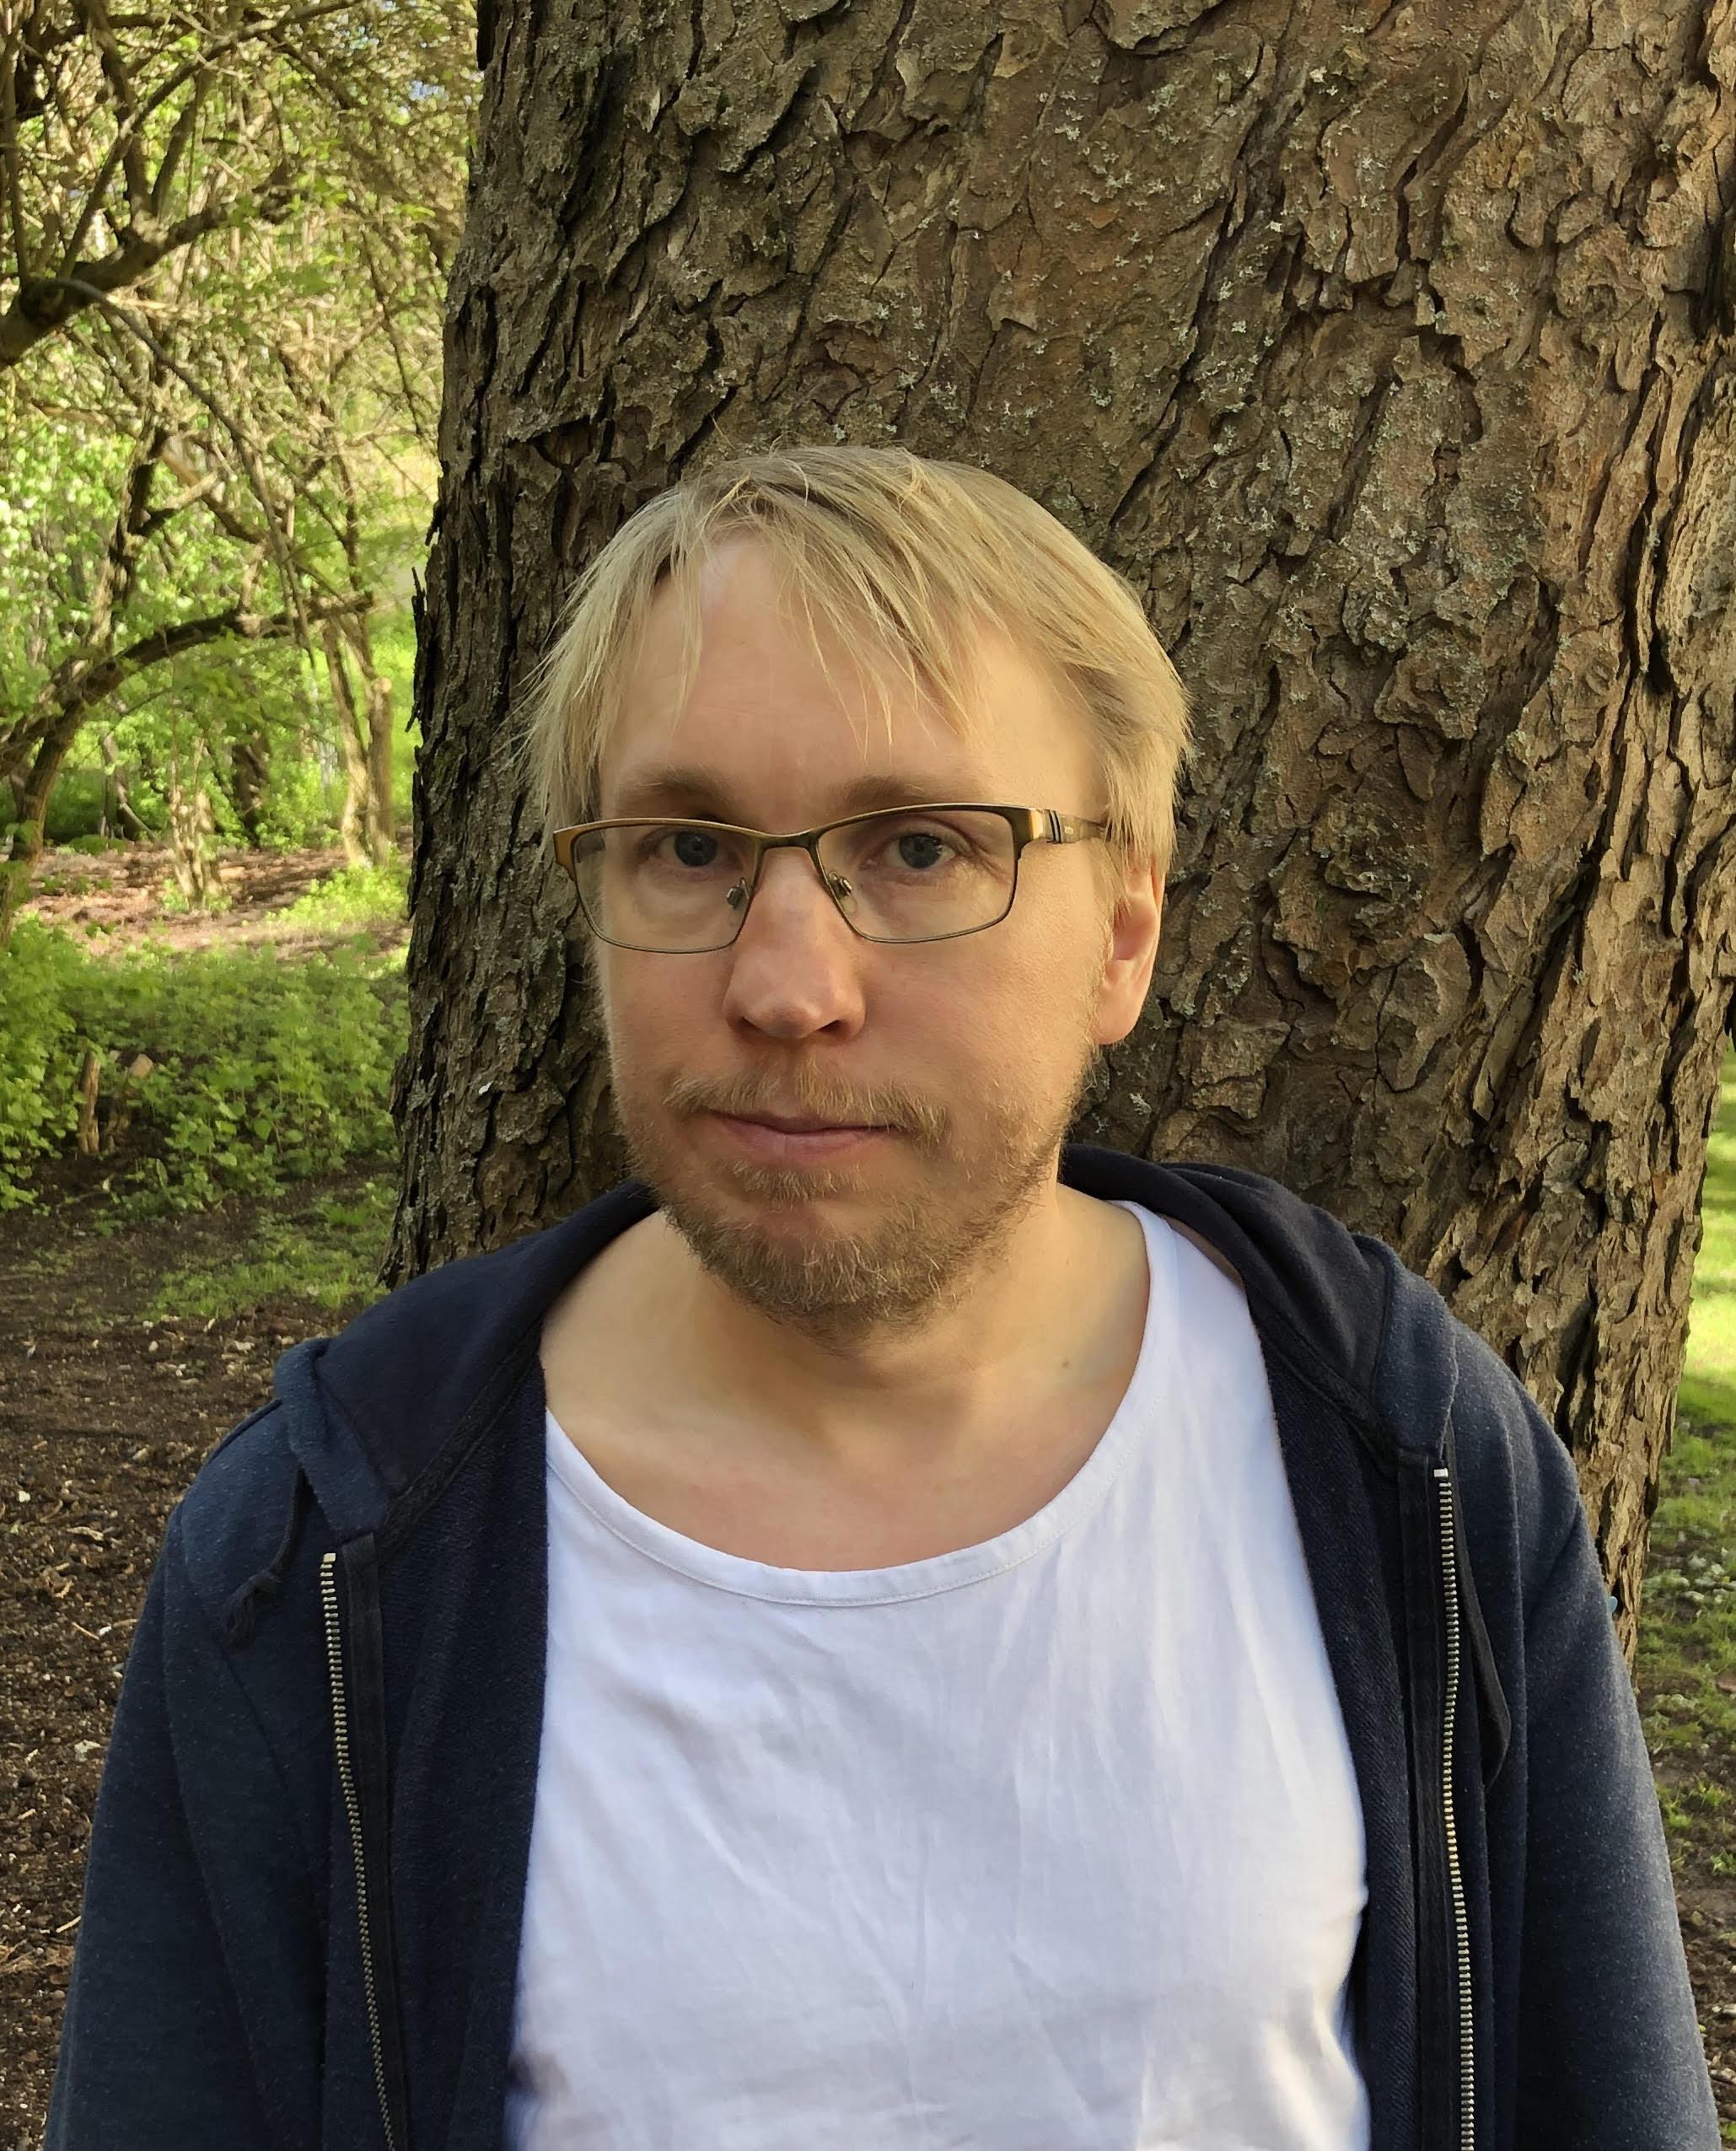 Intervju med Tomas Kindenberg - vinnare av Selmapriset 2020